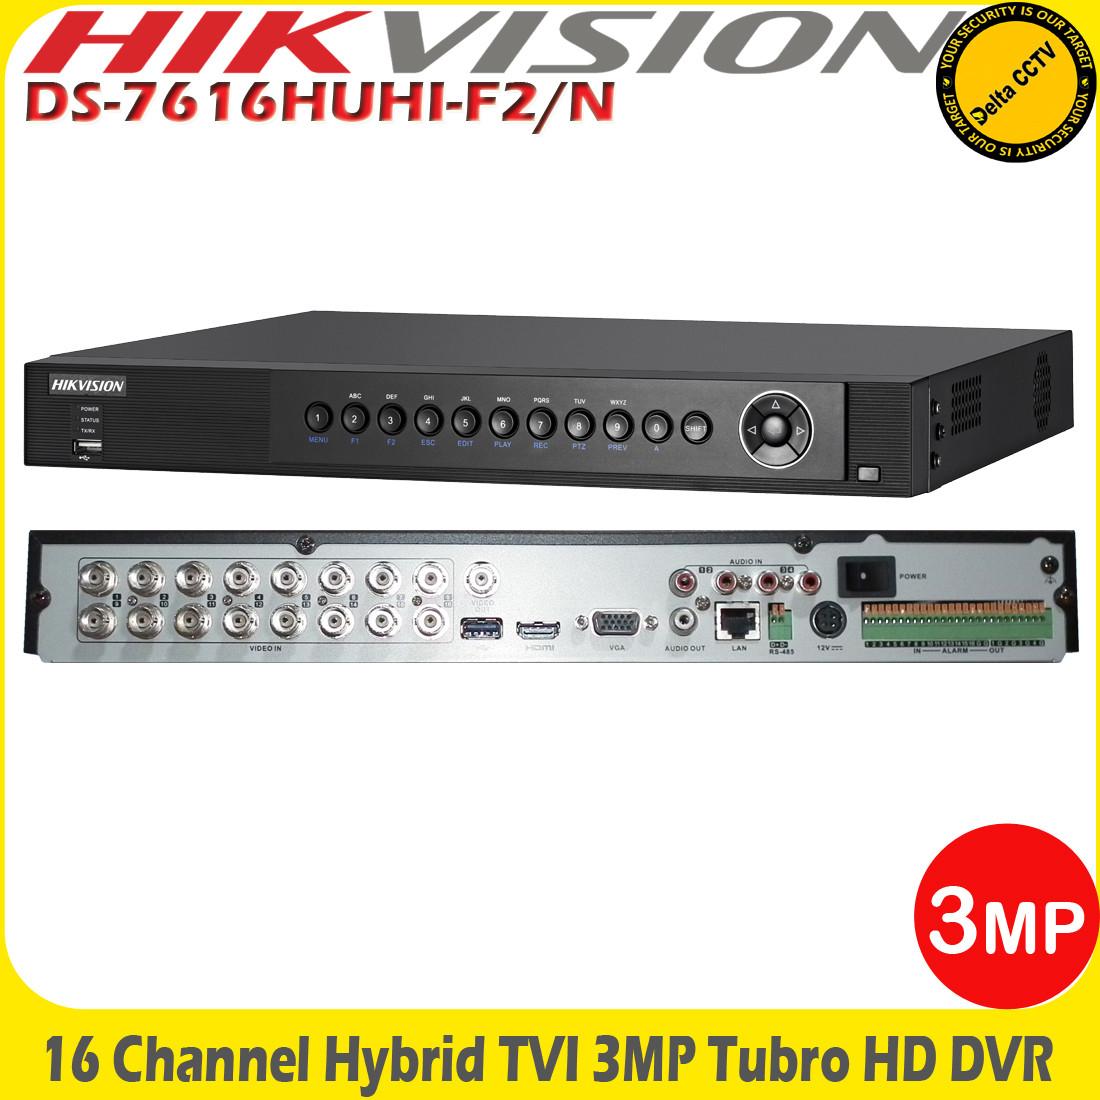 Hikvision 16 Channel 3MP Hybrid Analogue TVI IP DVR DS